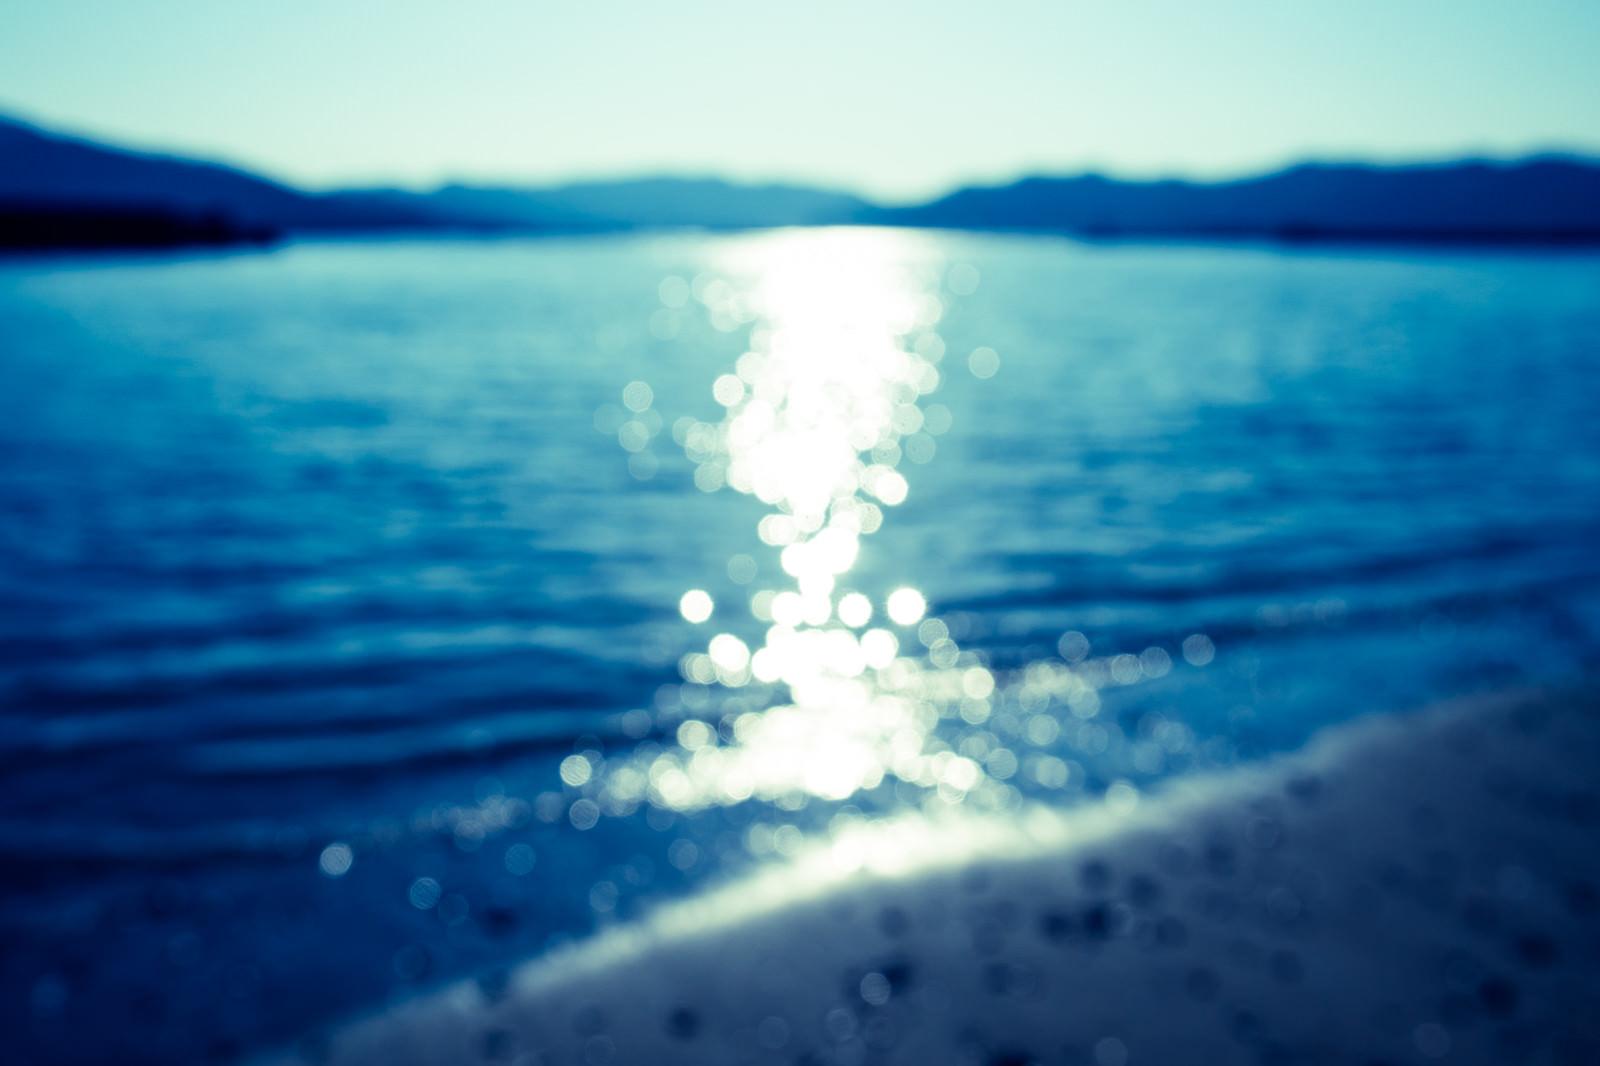 「光り輝く海(ボケ)」の写真